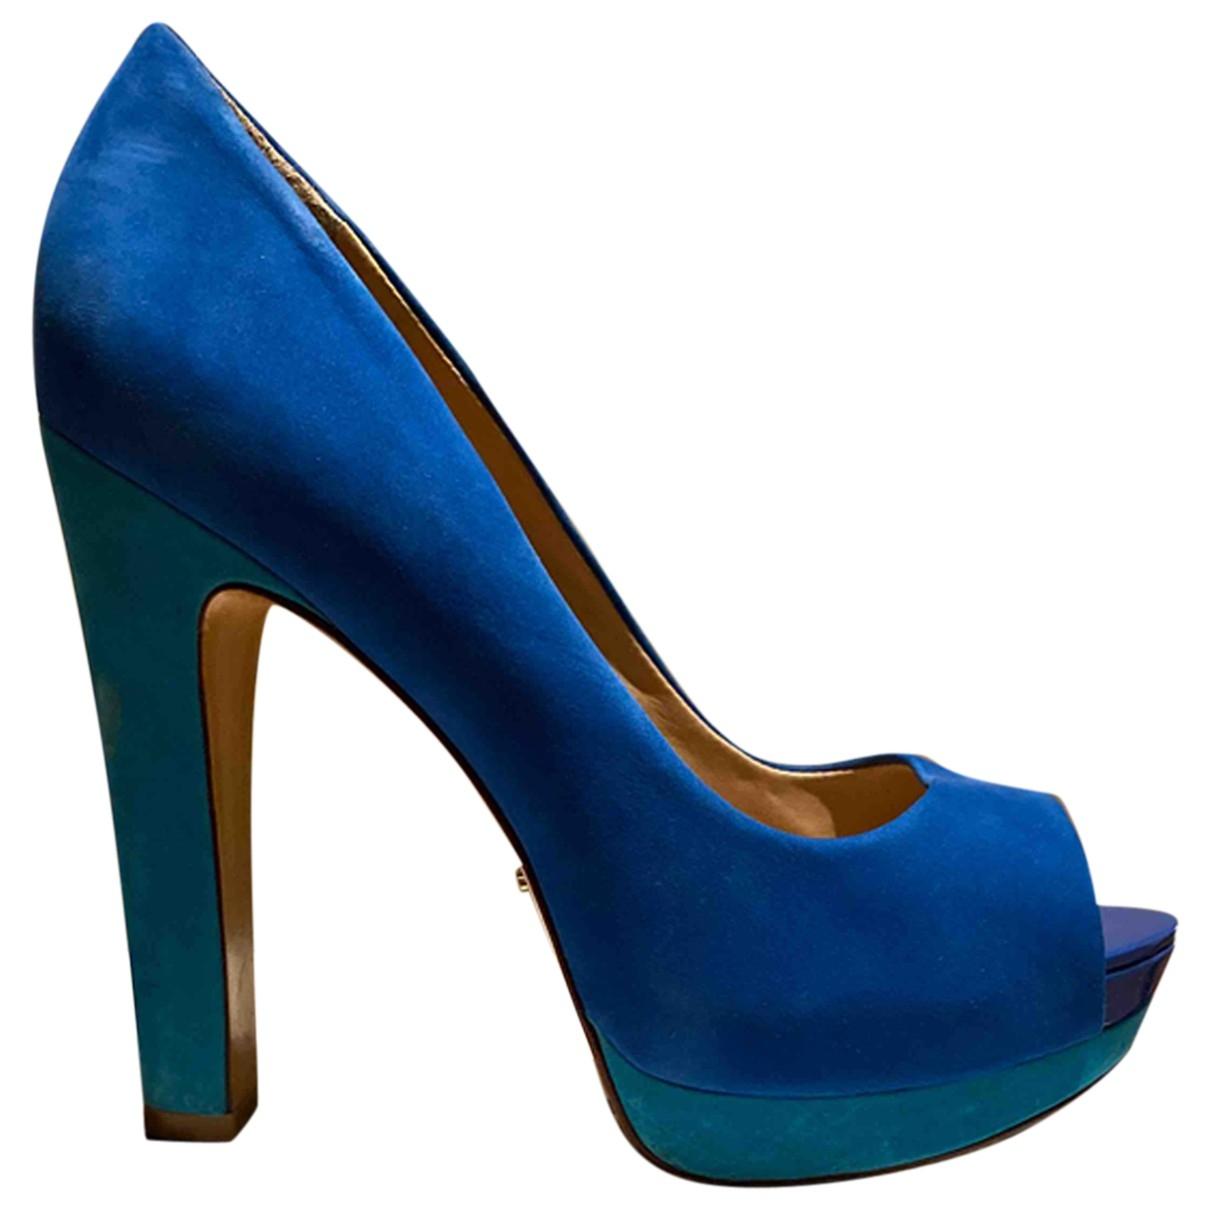 Schutz - Escarpins   pour femme en velours - bleu